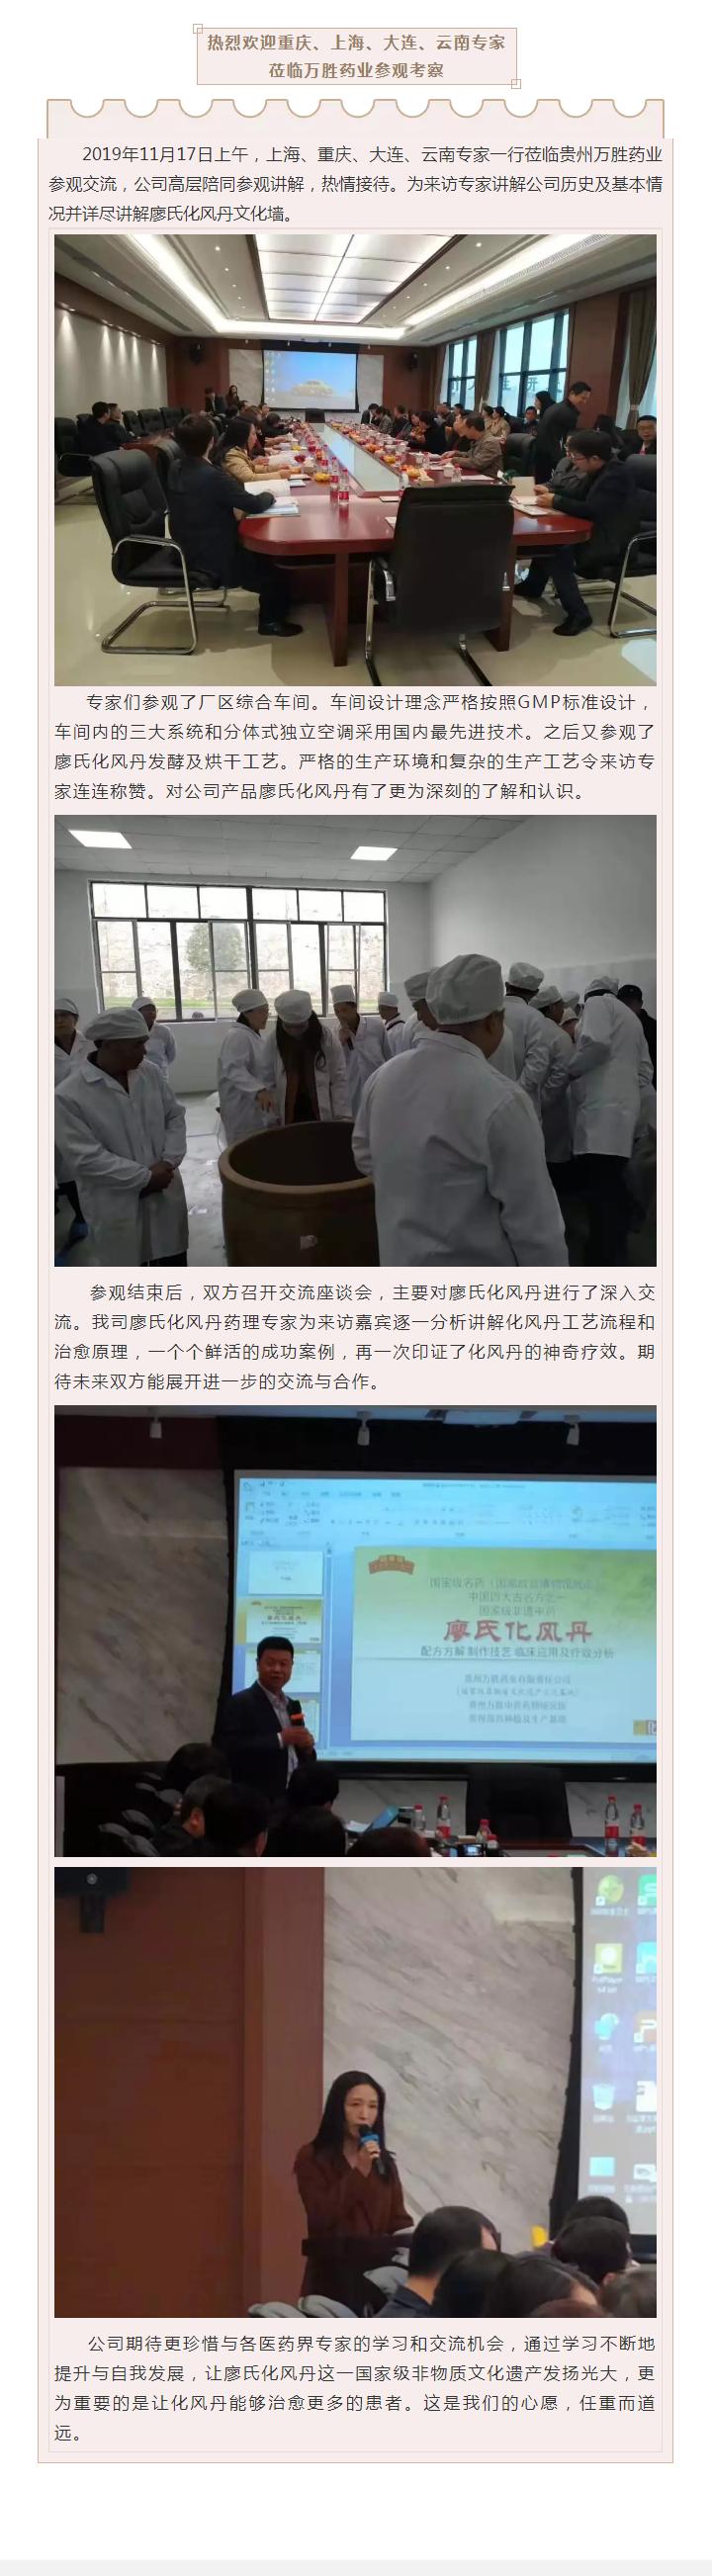 热烈欢迎上海、重庆、大连、云南专家莅临w88首页club w88参观考察.png